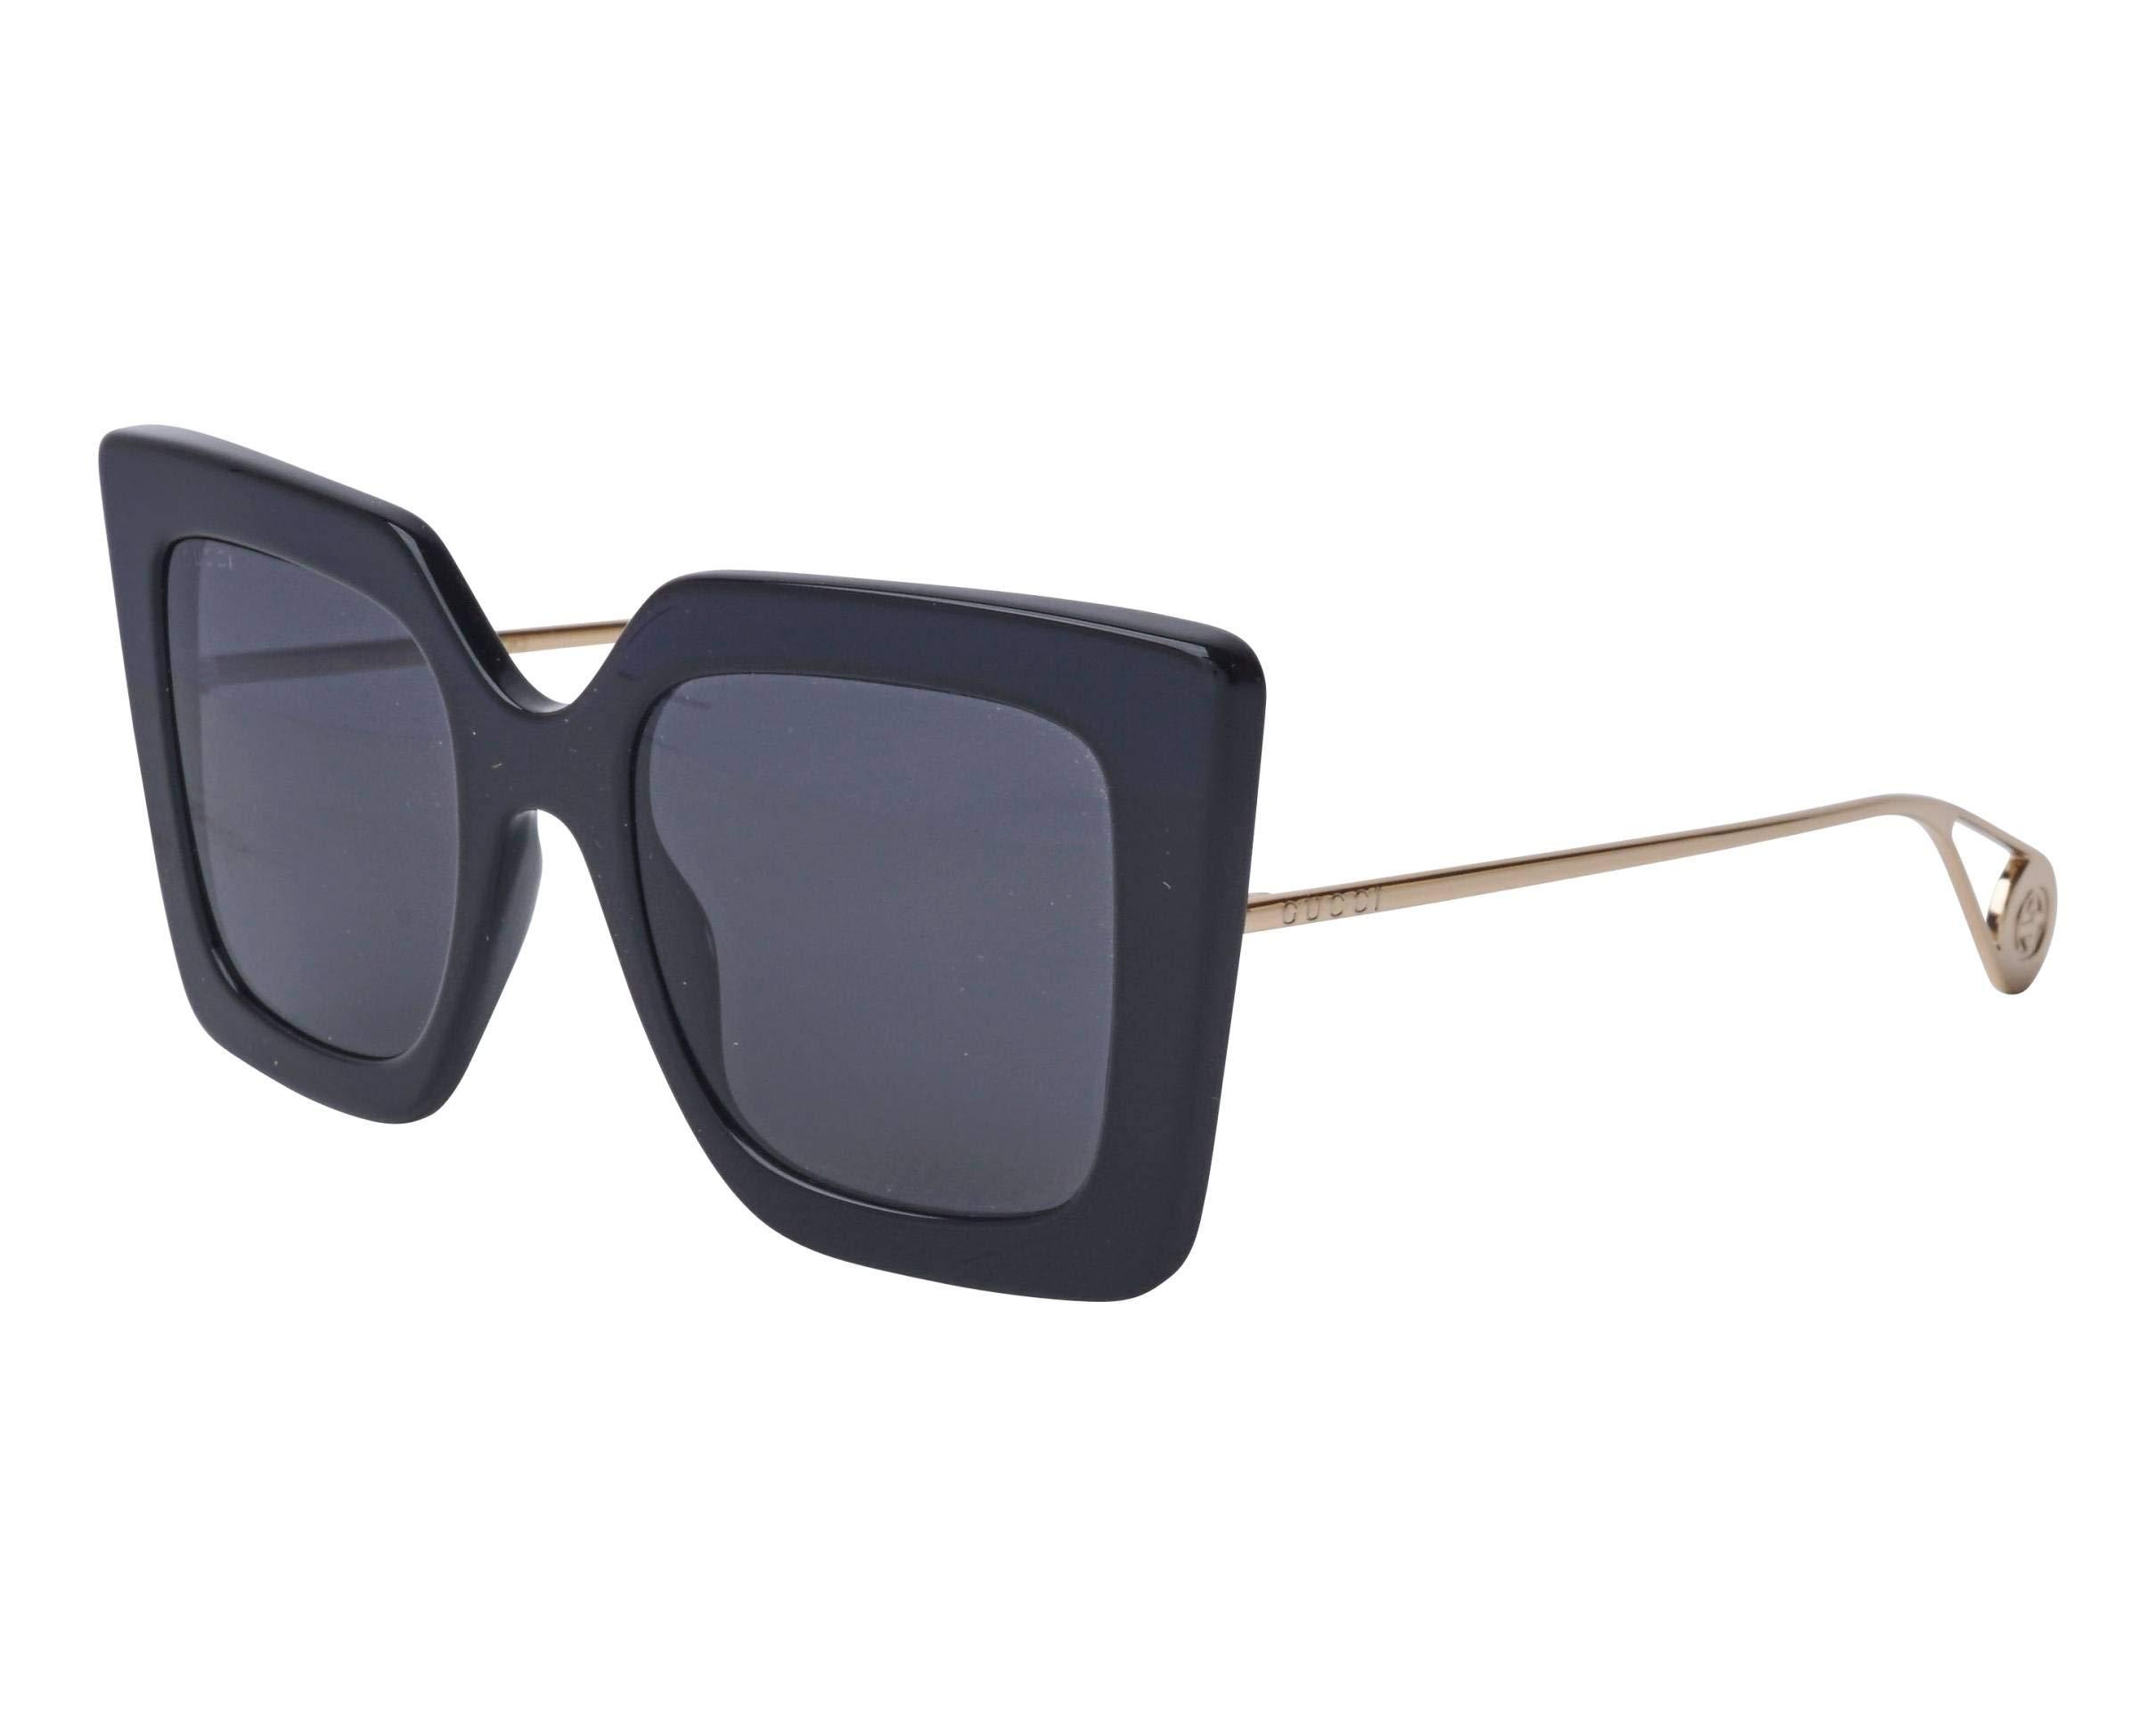 Sunglasses Gucci GG 0435 S- 001 BLACK/GREY GOLD by Gucci